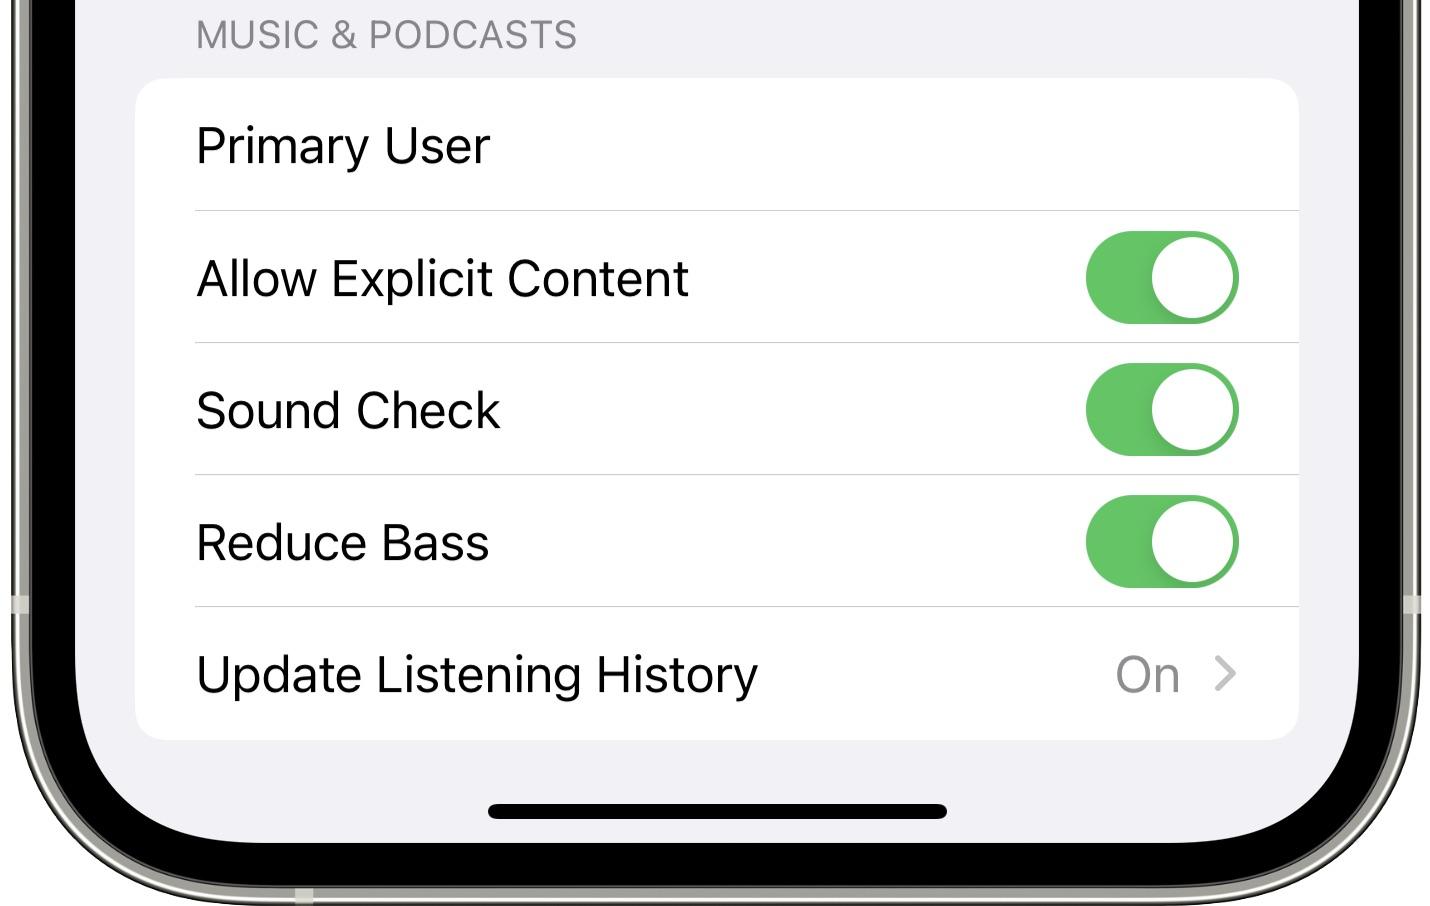 Снимок экрана настроек HomePod в приложении iOS 15 Home на iPhone с включенной опцией «Уменьшить низкие частоты».